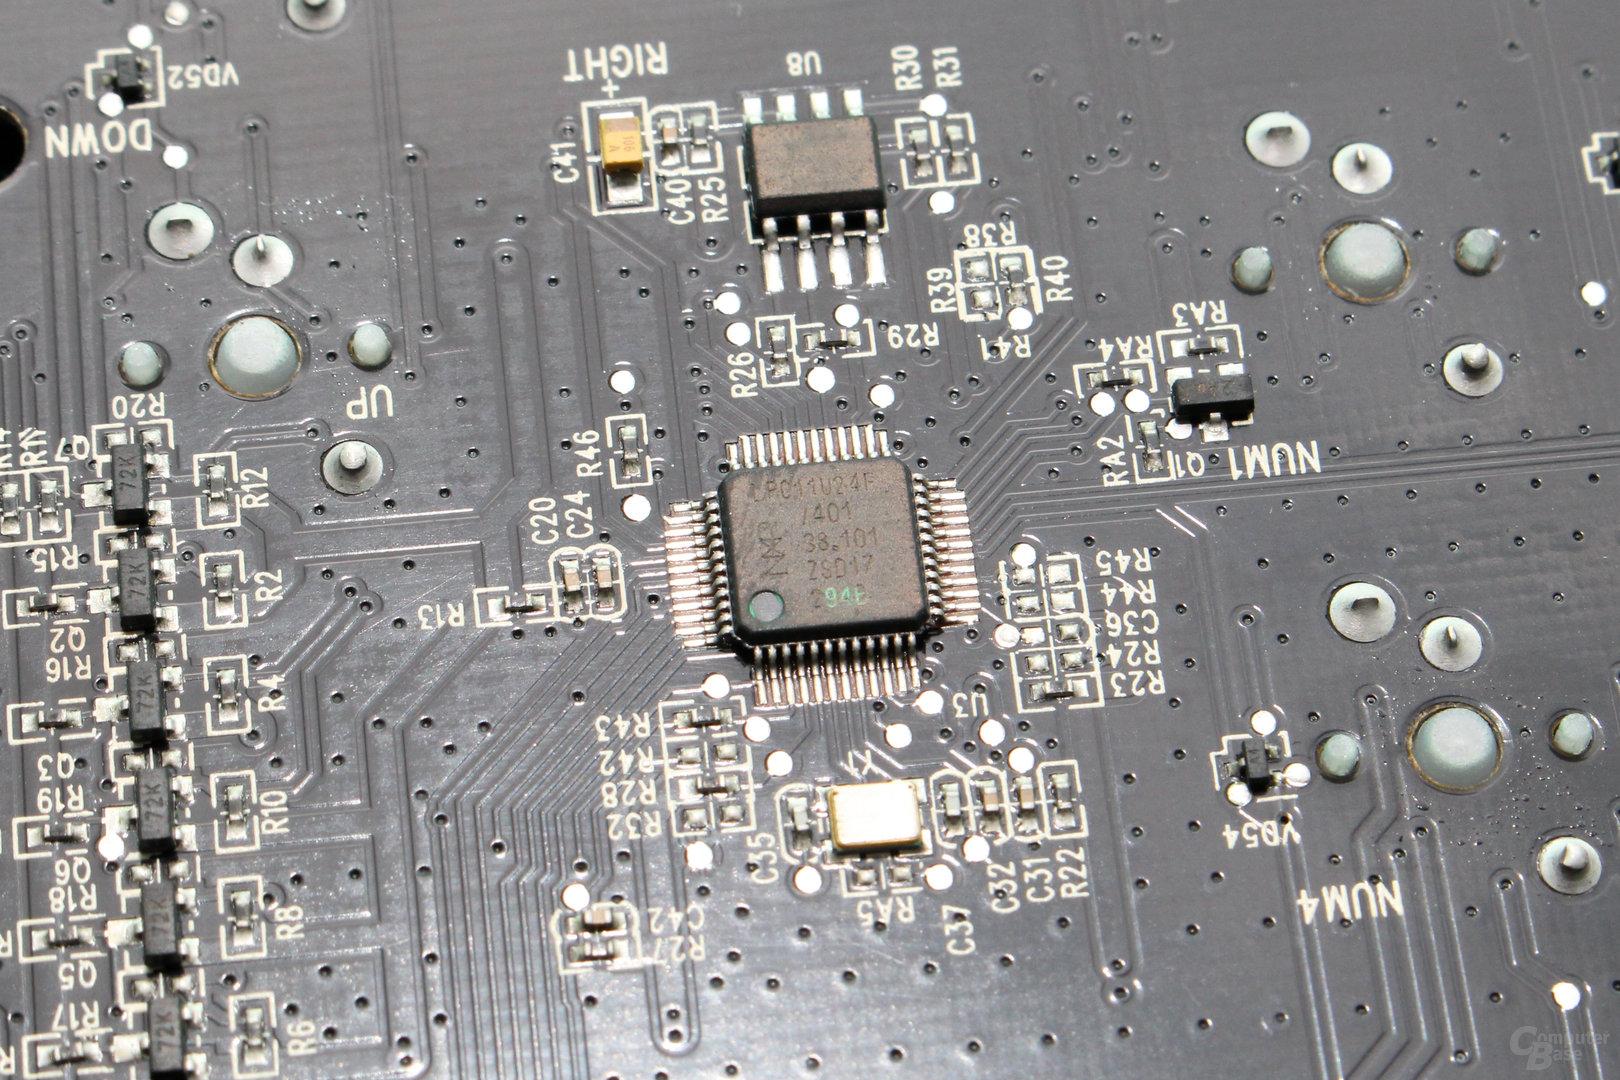 Der Mikrocontroller stammt von NXP (LPC11U24F)